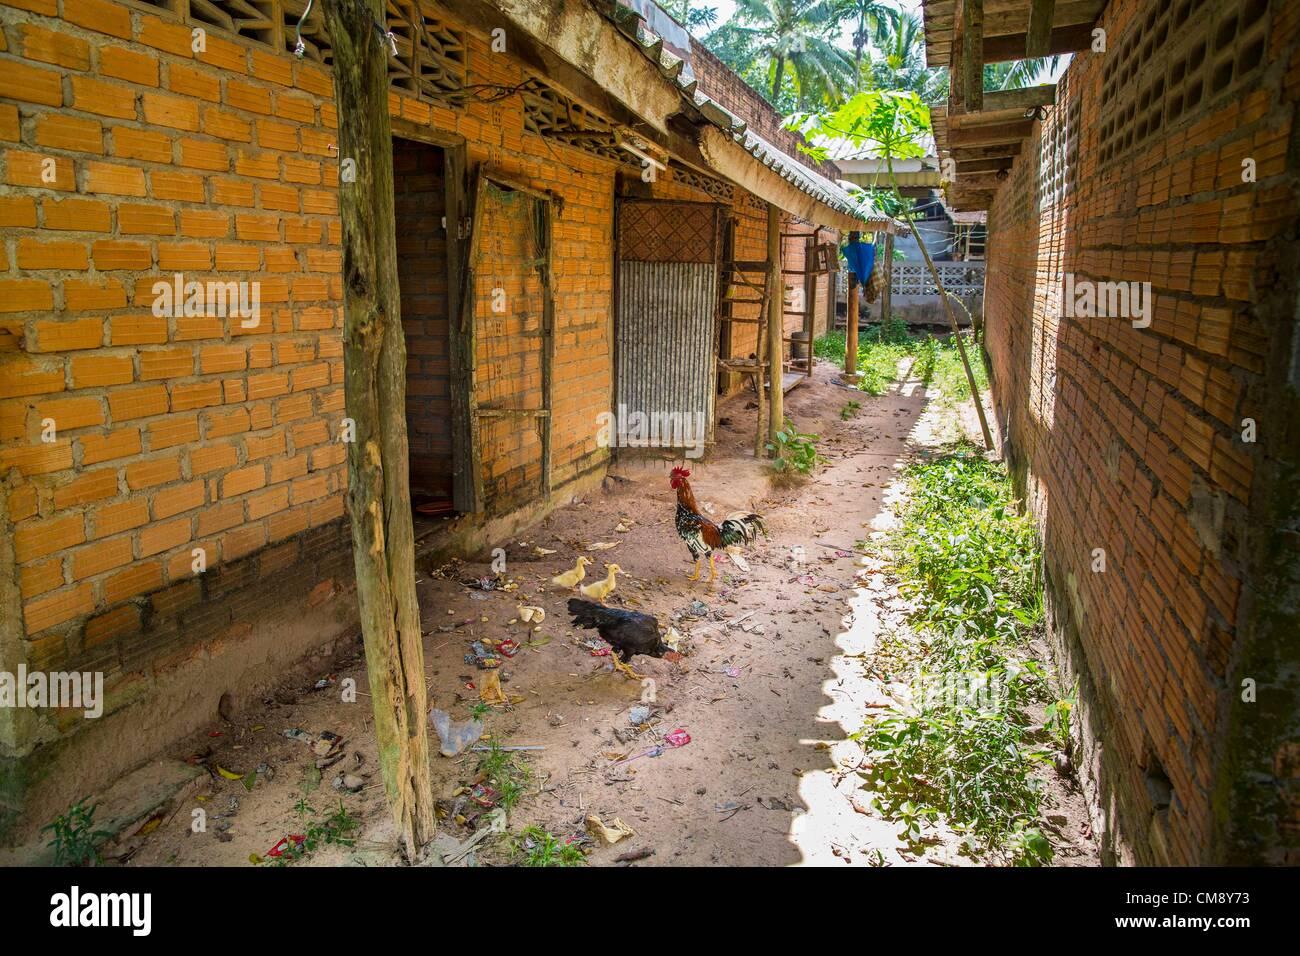 Ottobre 29, 2012 - Mayo, Pattani, Thailandia - Polli peck nella sporcizia tra le file dei pazienti' le camere Immagini Stock